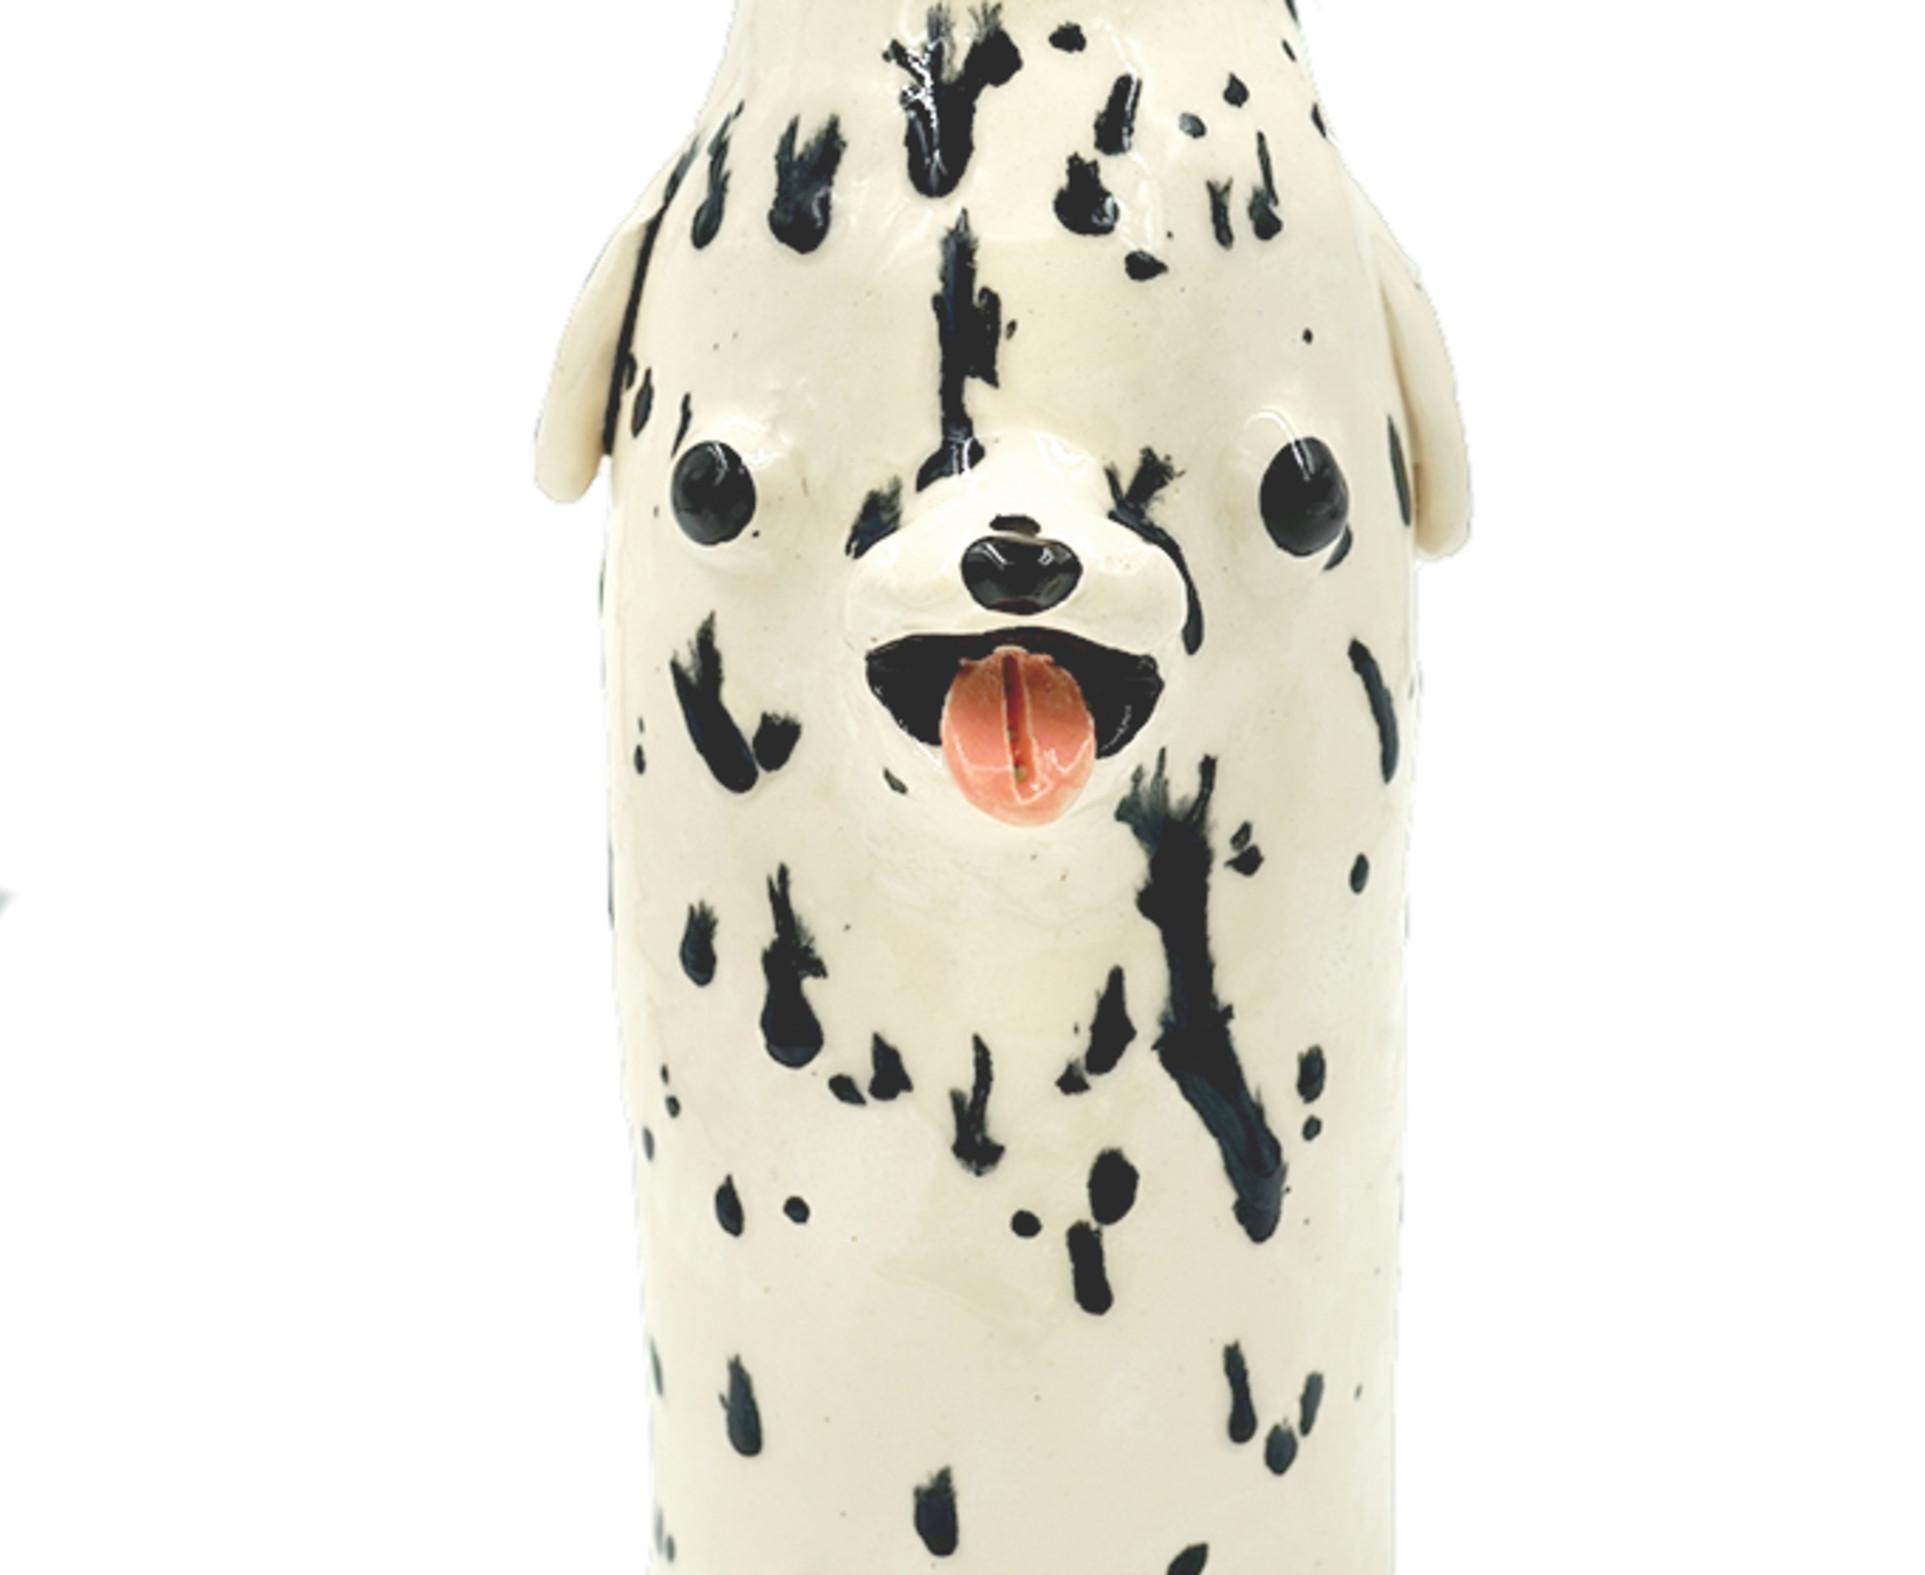 Katie Kimmel, Dalmatian Vase 2, 2019